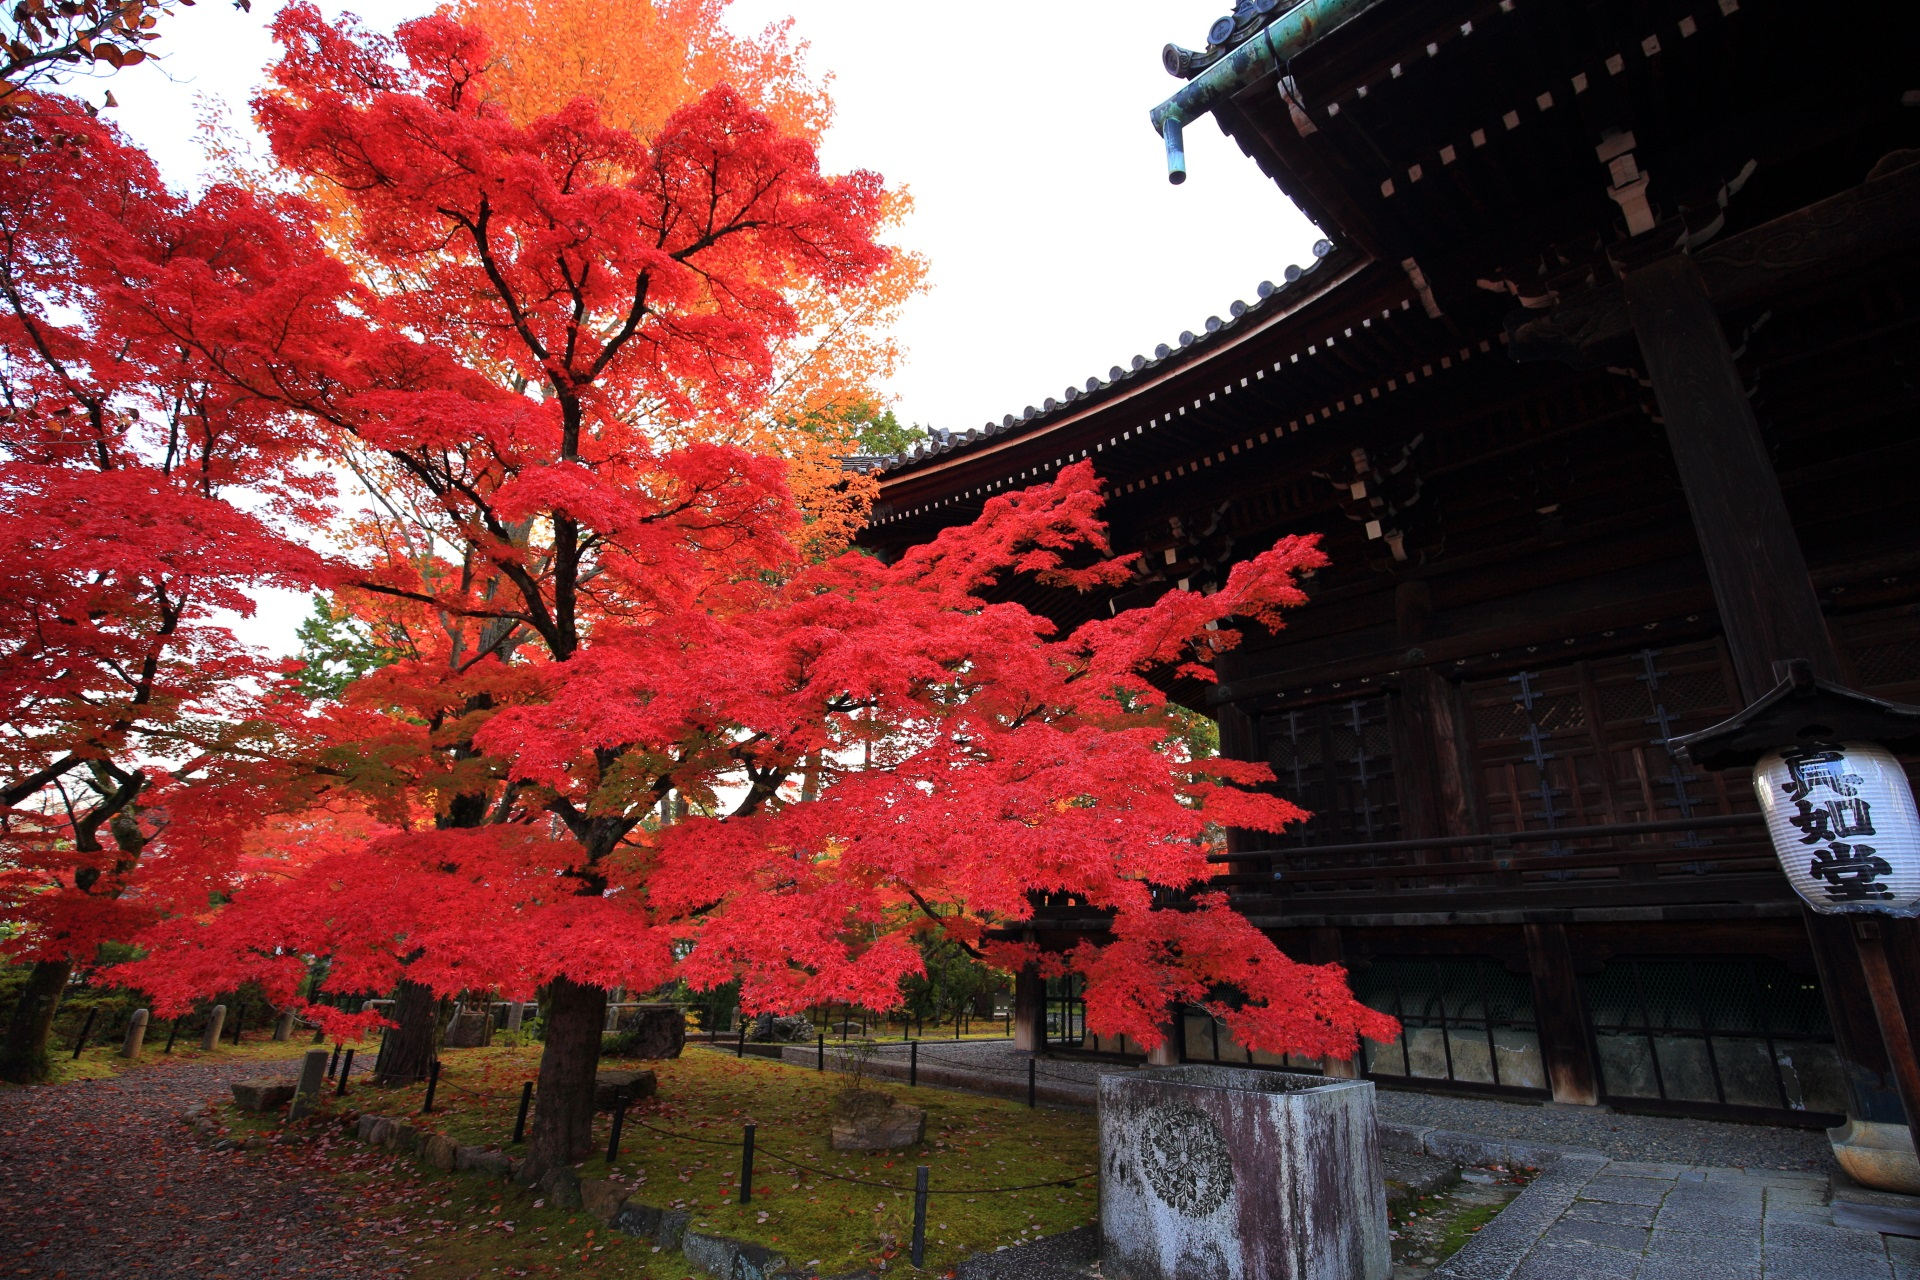 境内の至るところで多彩な紅葉が溢れる真如堂